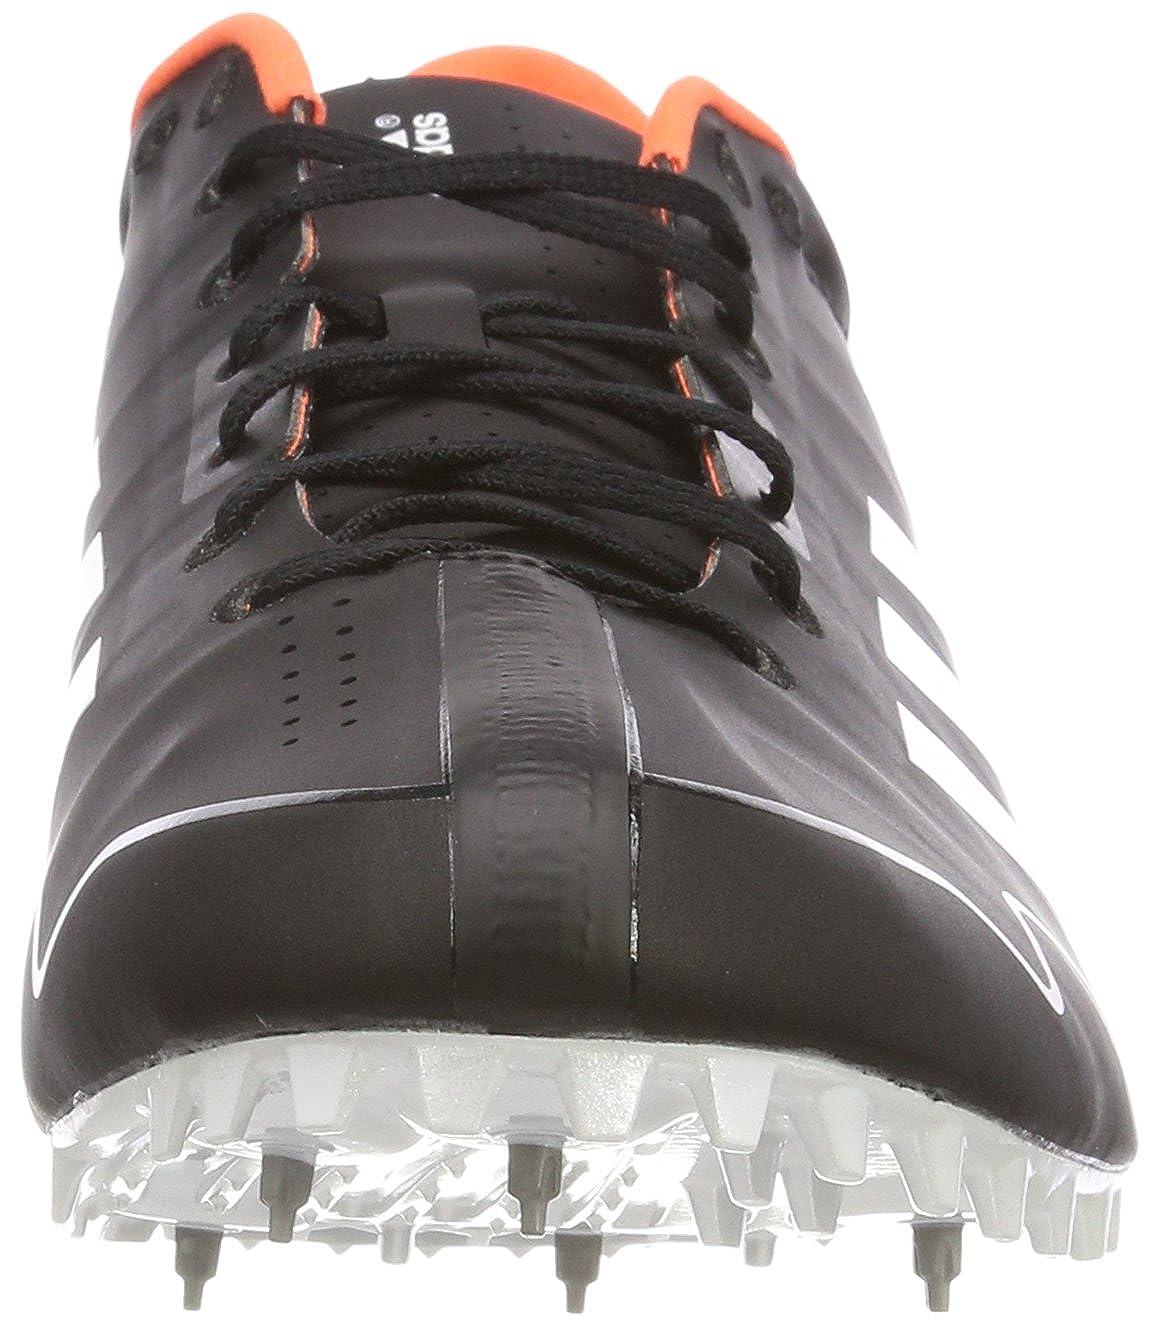 buy popular 2c6bb 41bb0 adidas Adizero Prime SP, Zapatillas de Atletismo Unisex Adulto Amazon.es  Zapatos y complementos